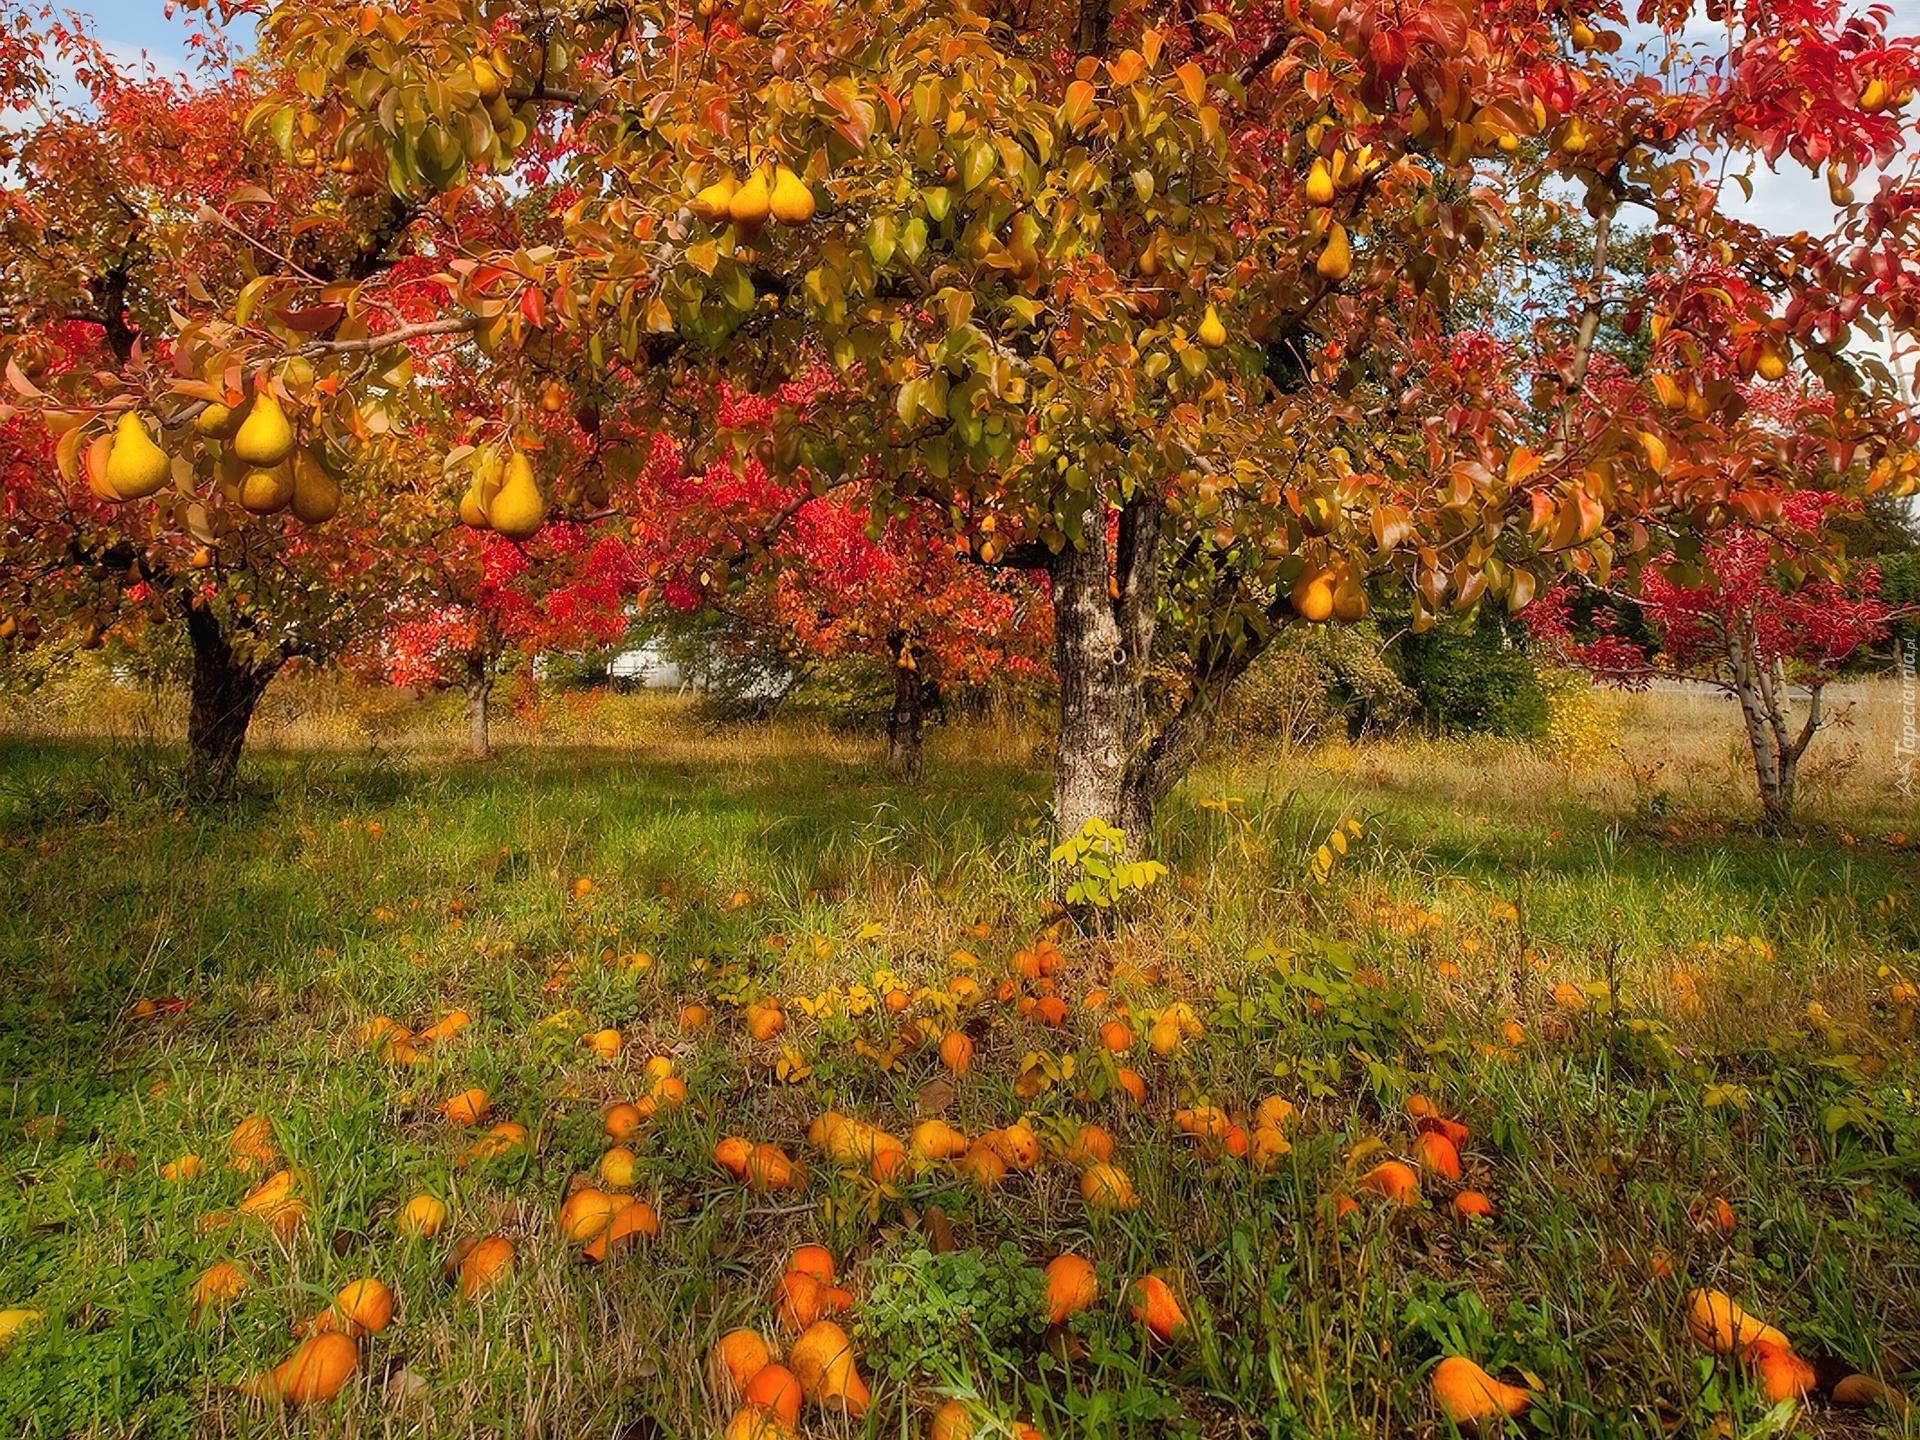 http://www.tapeciarnia.pl/tapety/normalne/110426_sad_drzewa_owocowe_gruszki.jpg